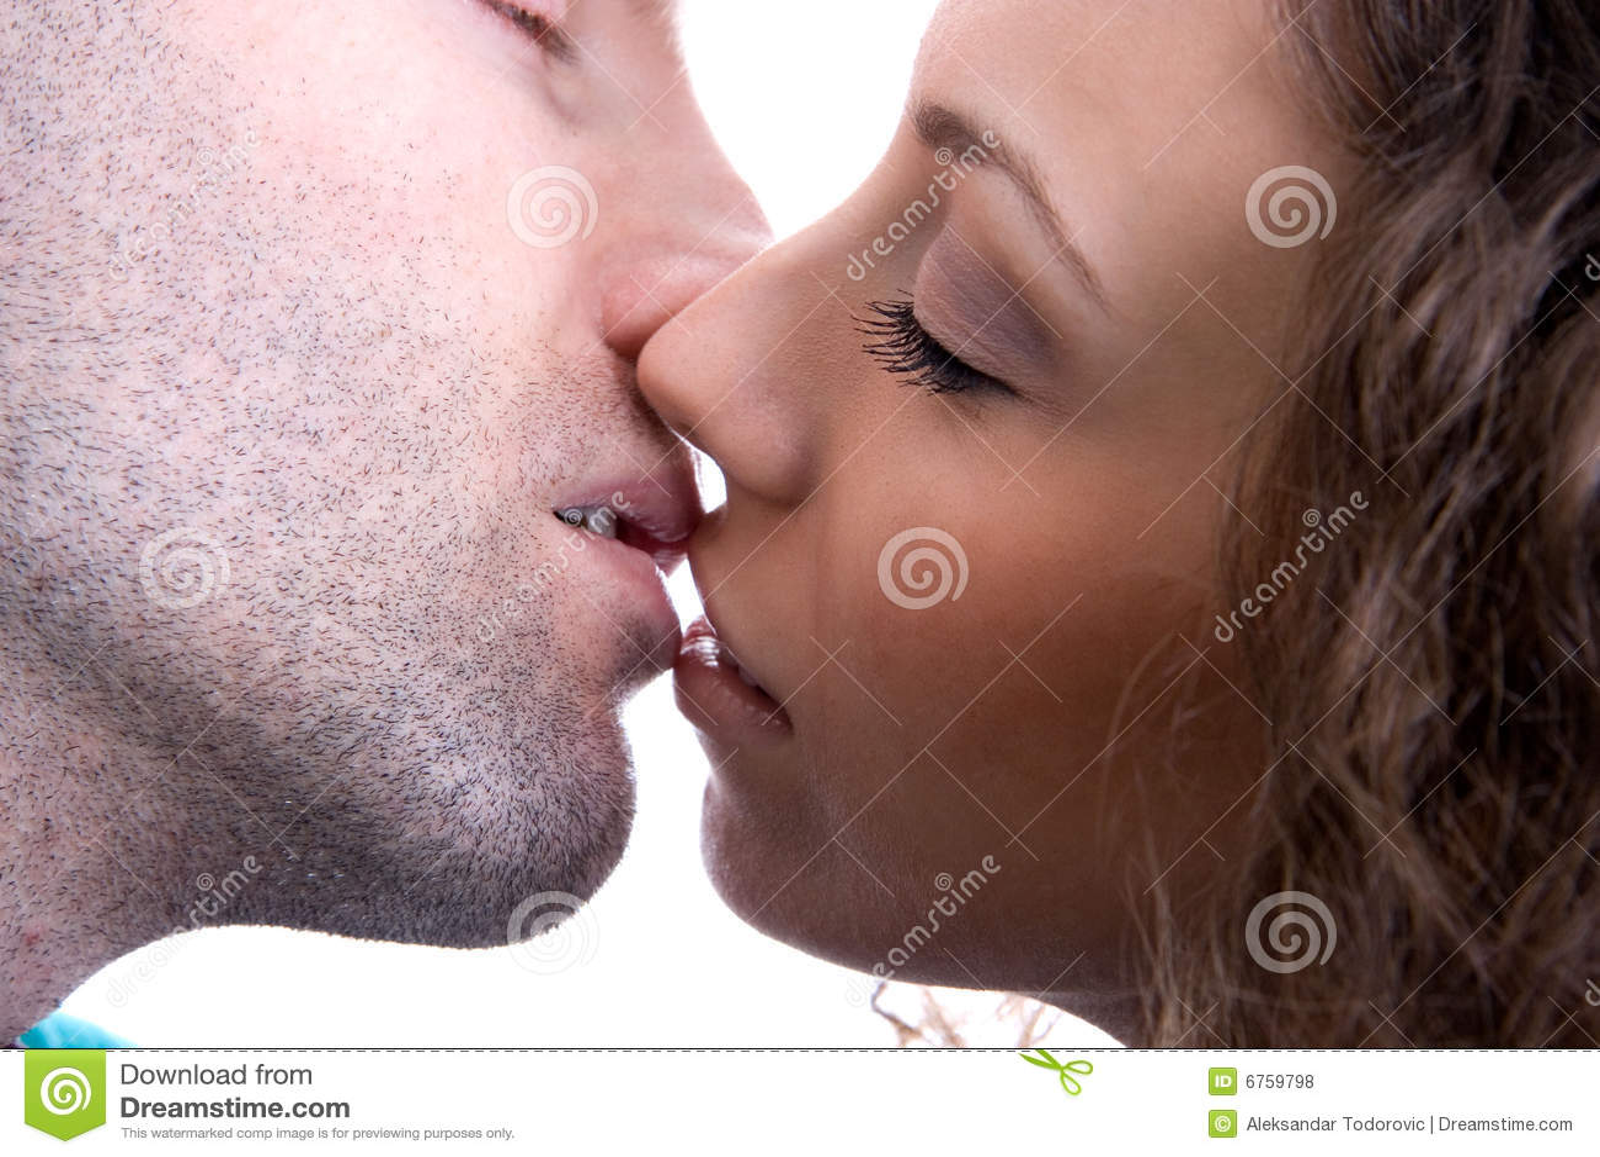 A real kiss